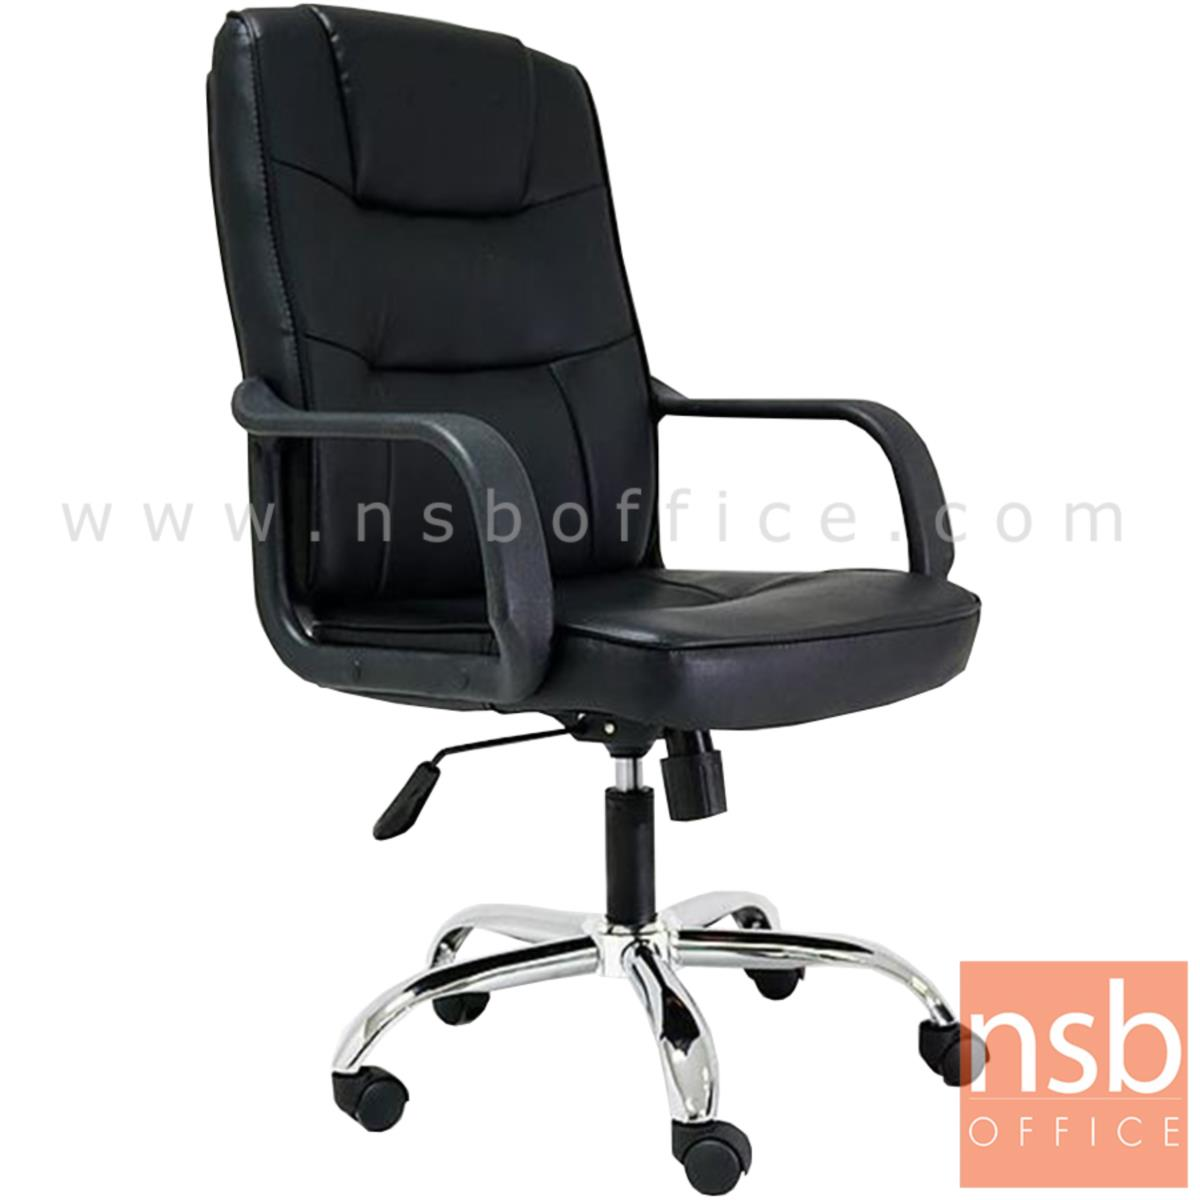 B01A242:เก้าอี้ผู้บริหาร  รุ่น Tillerson (ทิลเลอร์สัน) โช๊คแก๊ส มีก้อนโยก